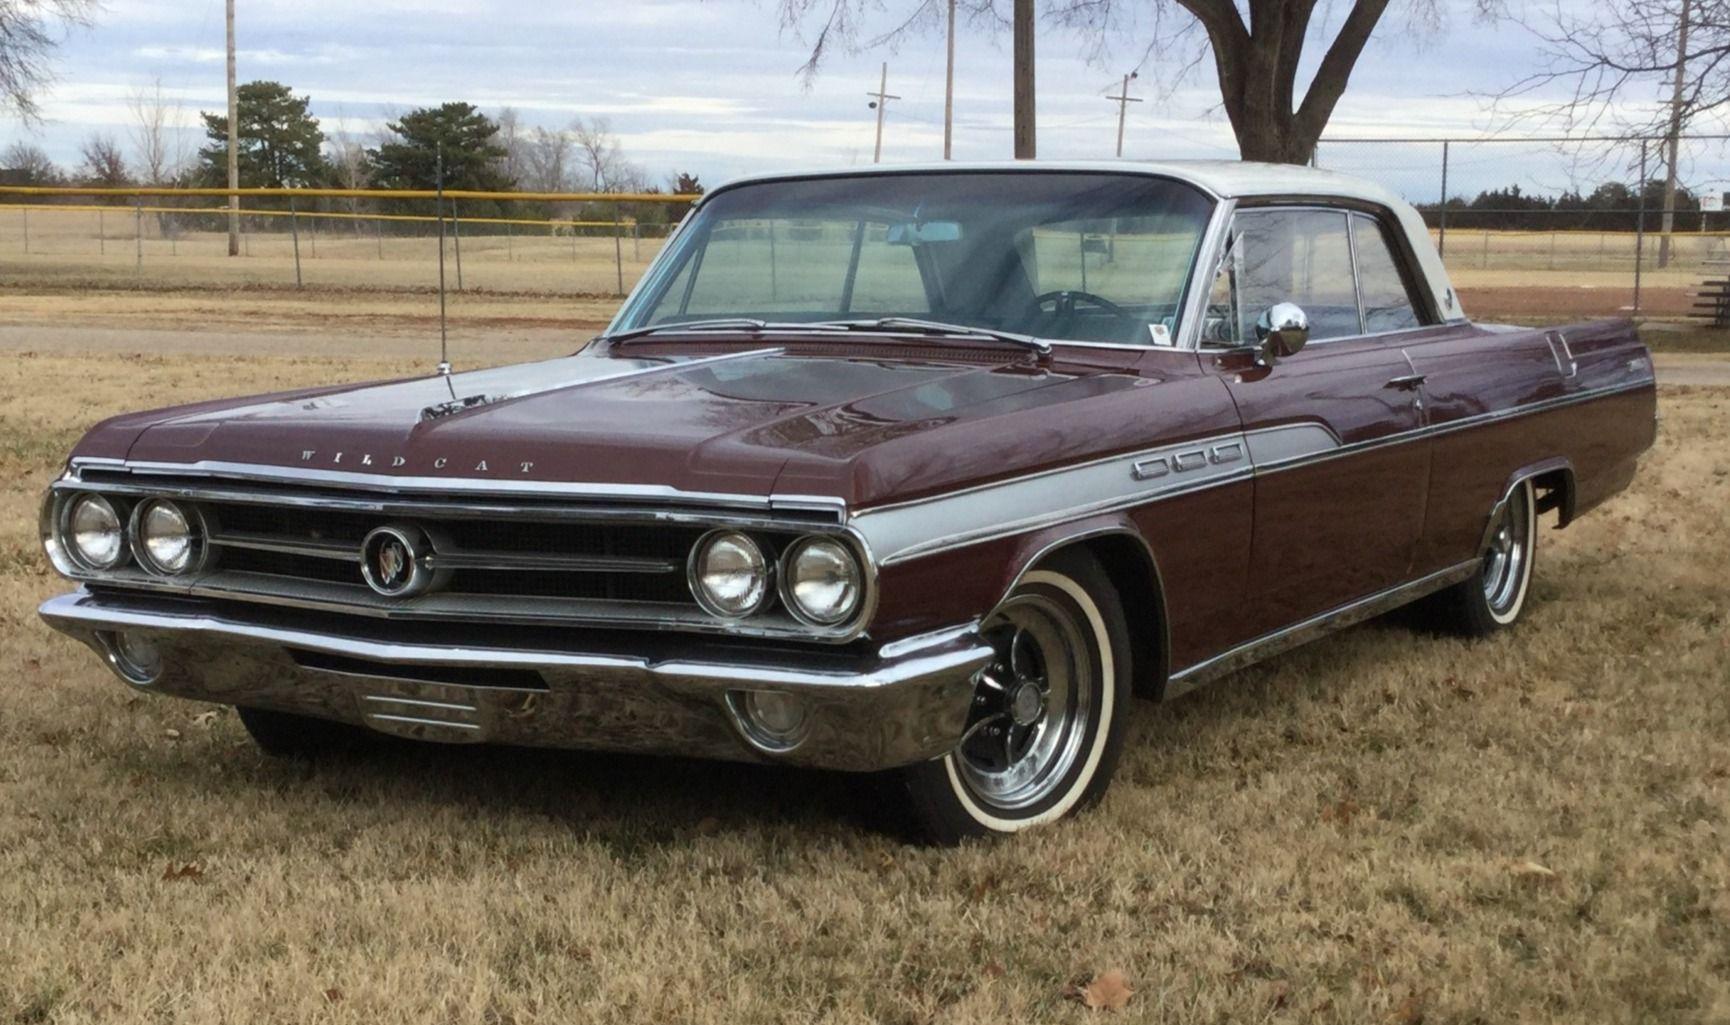 1963 Buick Wildcat Hardtop Buick wildcat, Buick, Classic